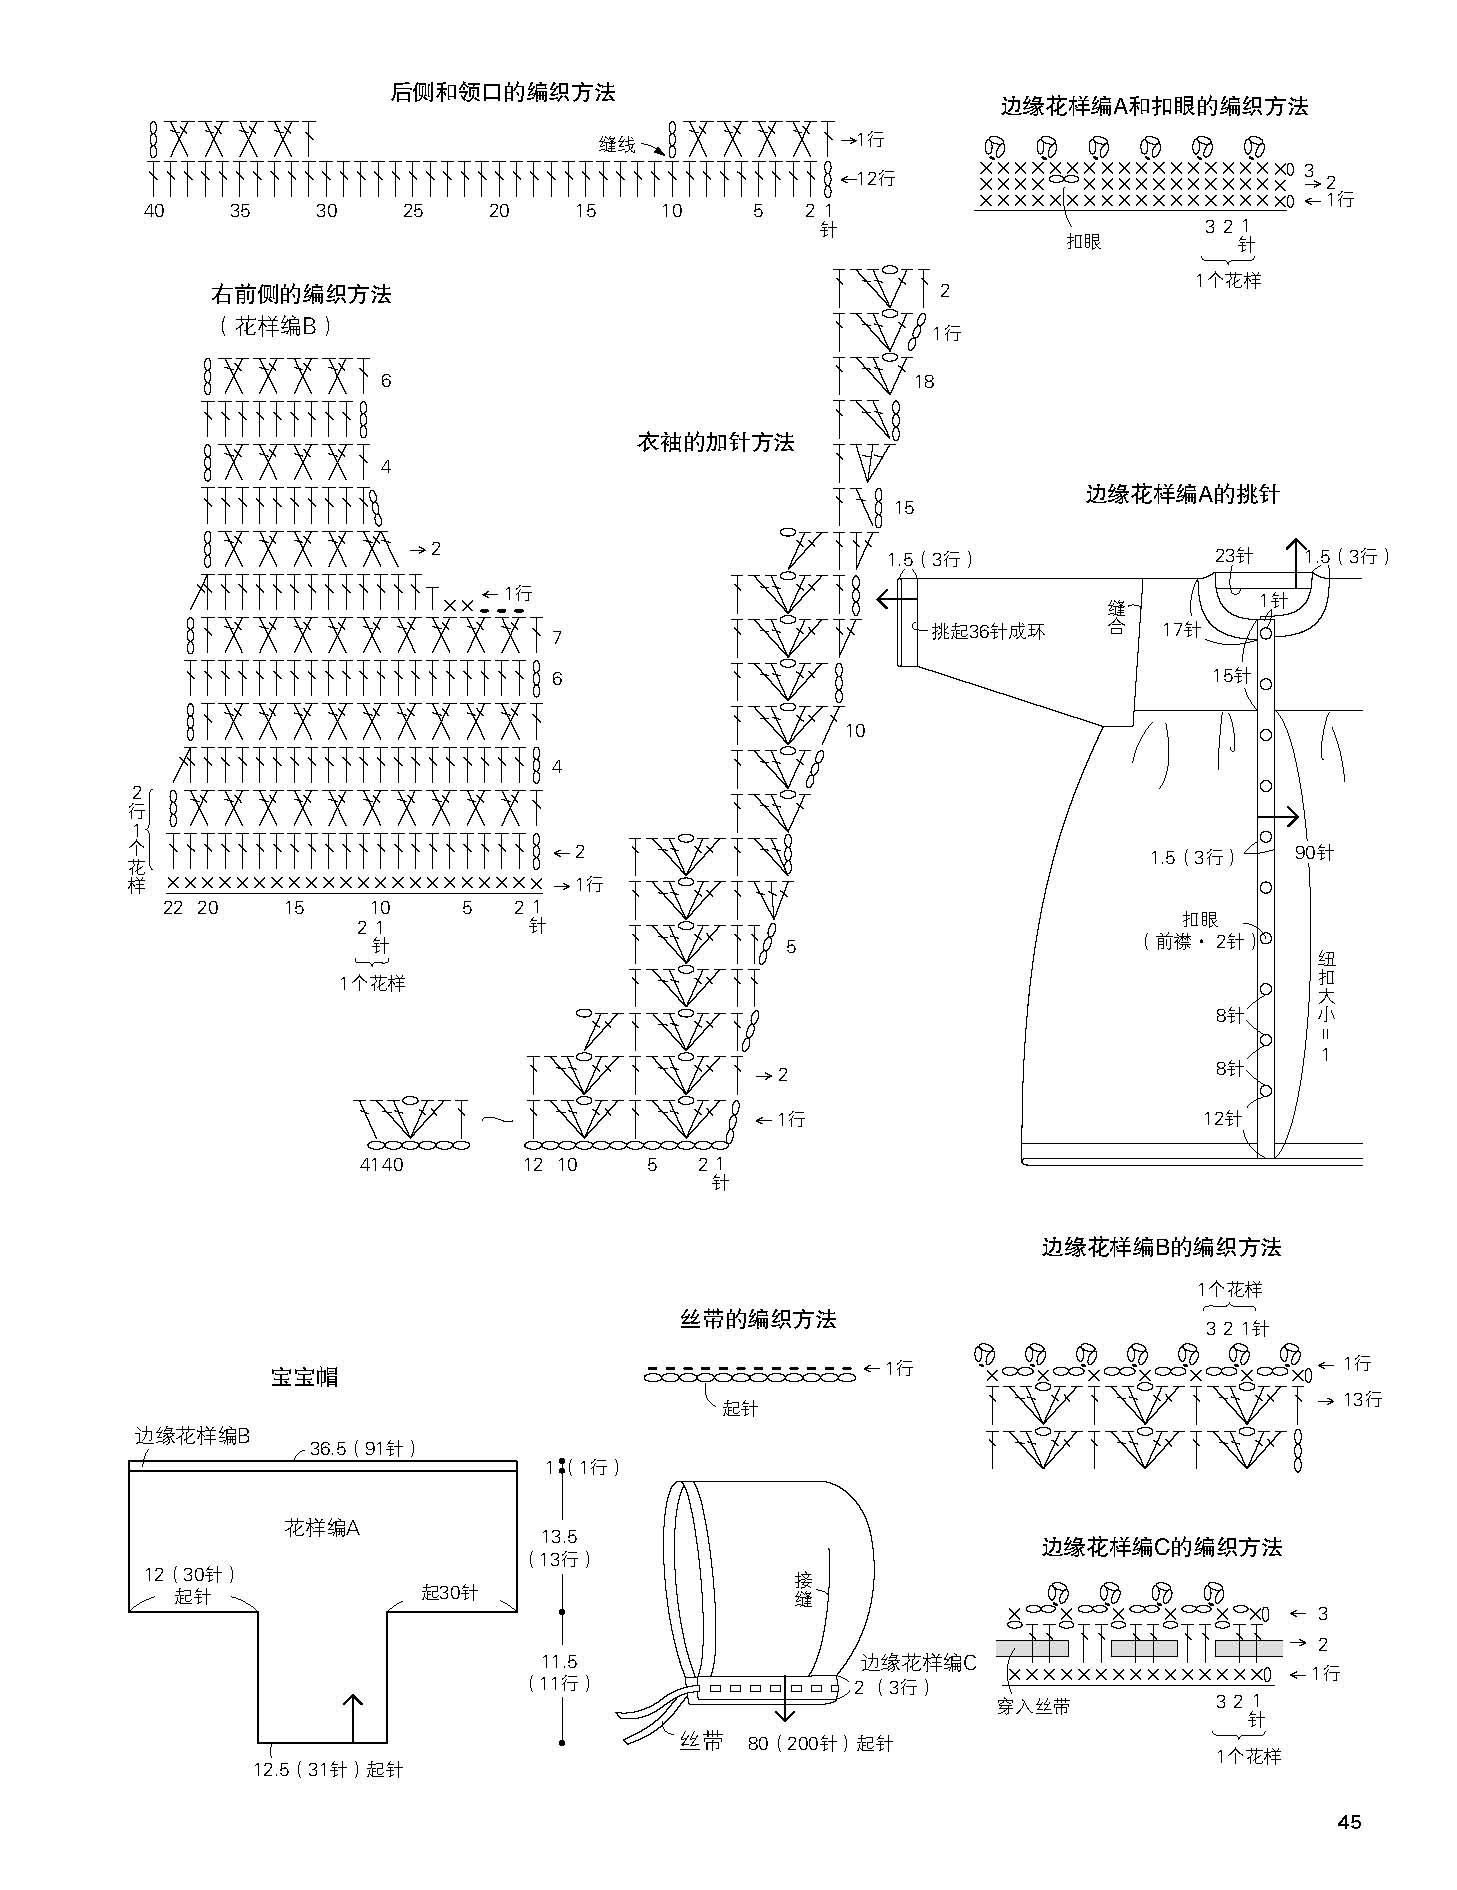 给宝宝的爱心手工编织毛衣&小物-普通全书版_页面_045.jpg